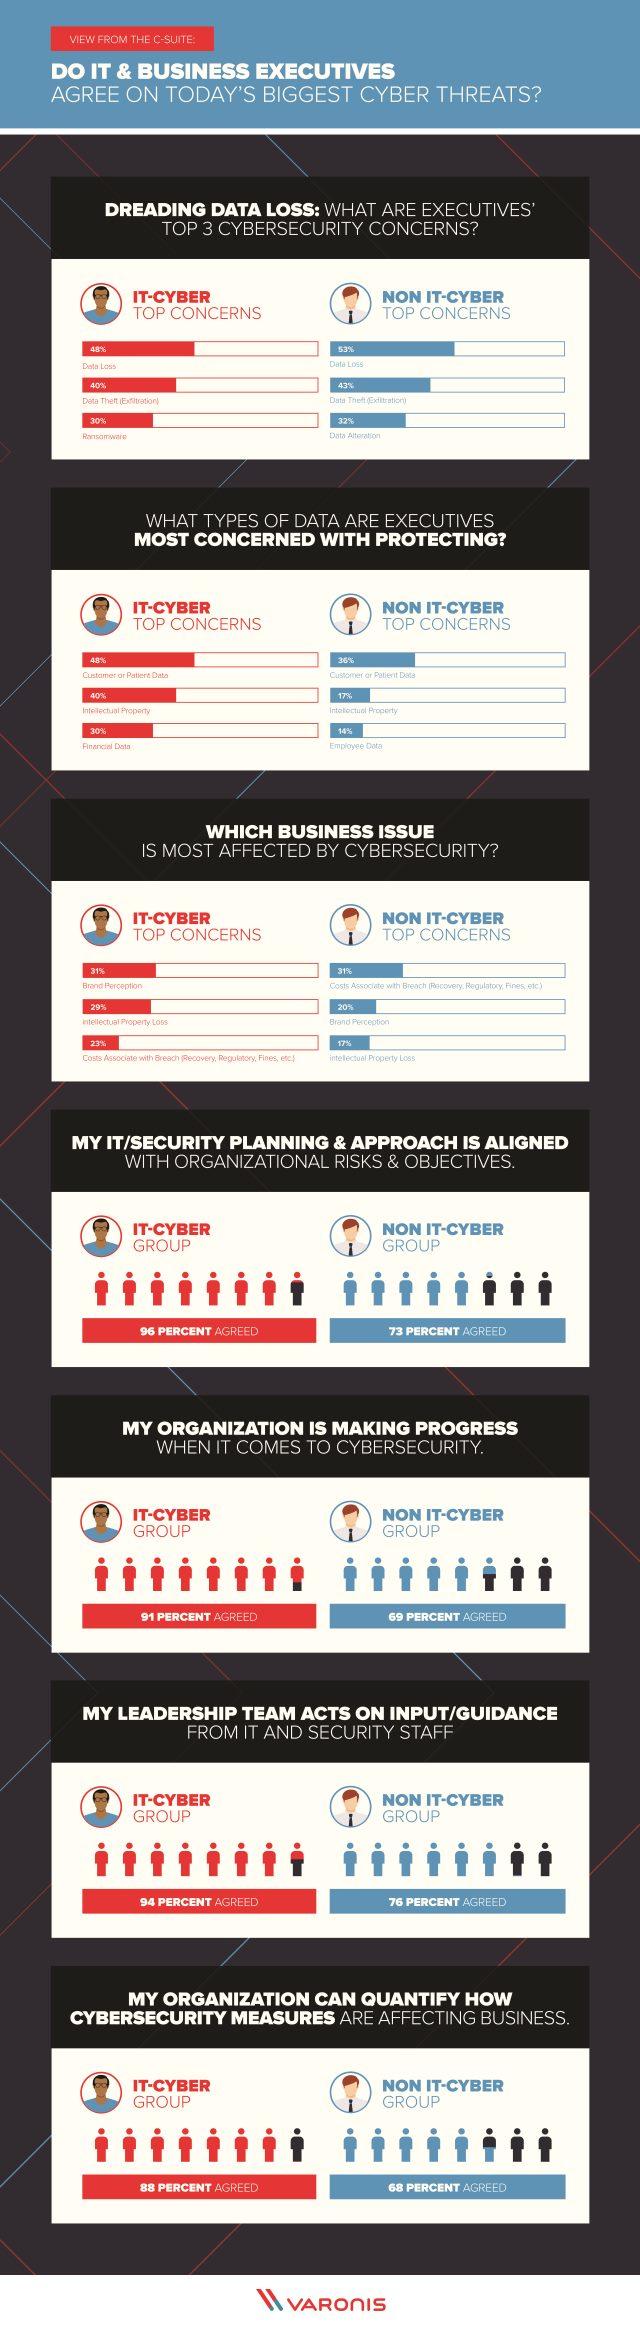 Varonis infographic